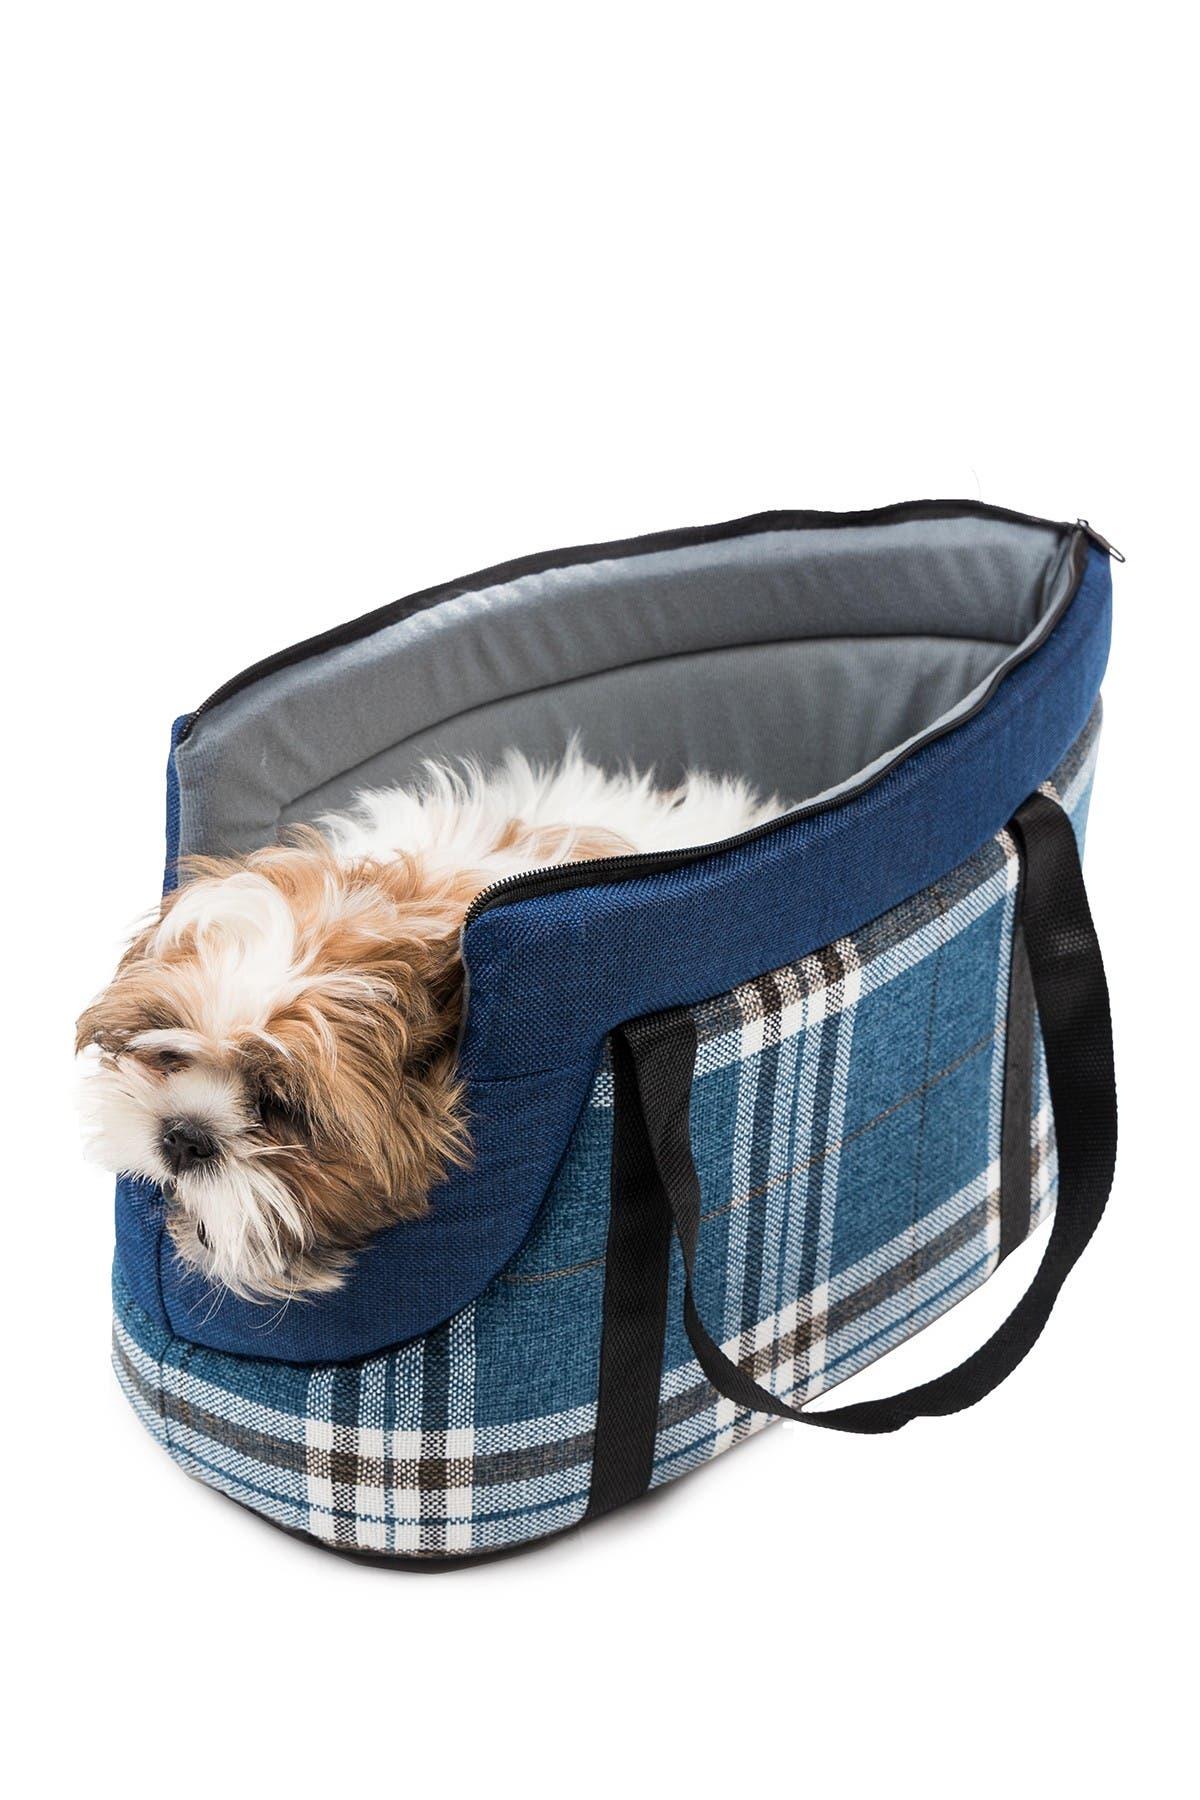 Image of Duck River Textile Denim Hadley Pet Carrier